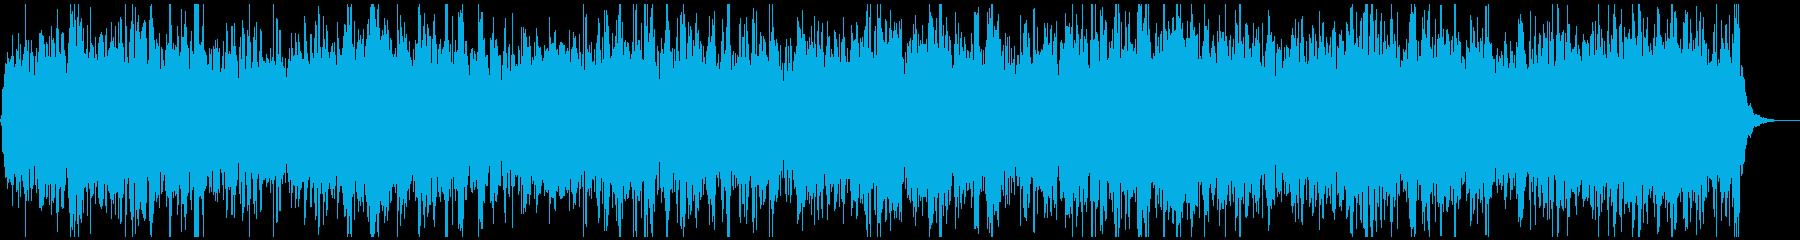 オーロラ 神秘的 美しい アンビエントの再生済みの波形